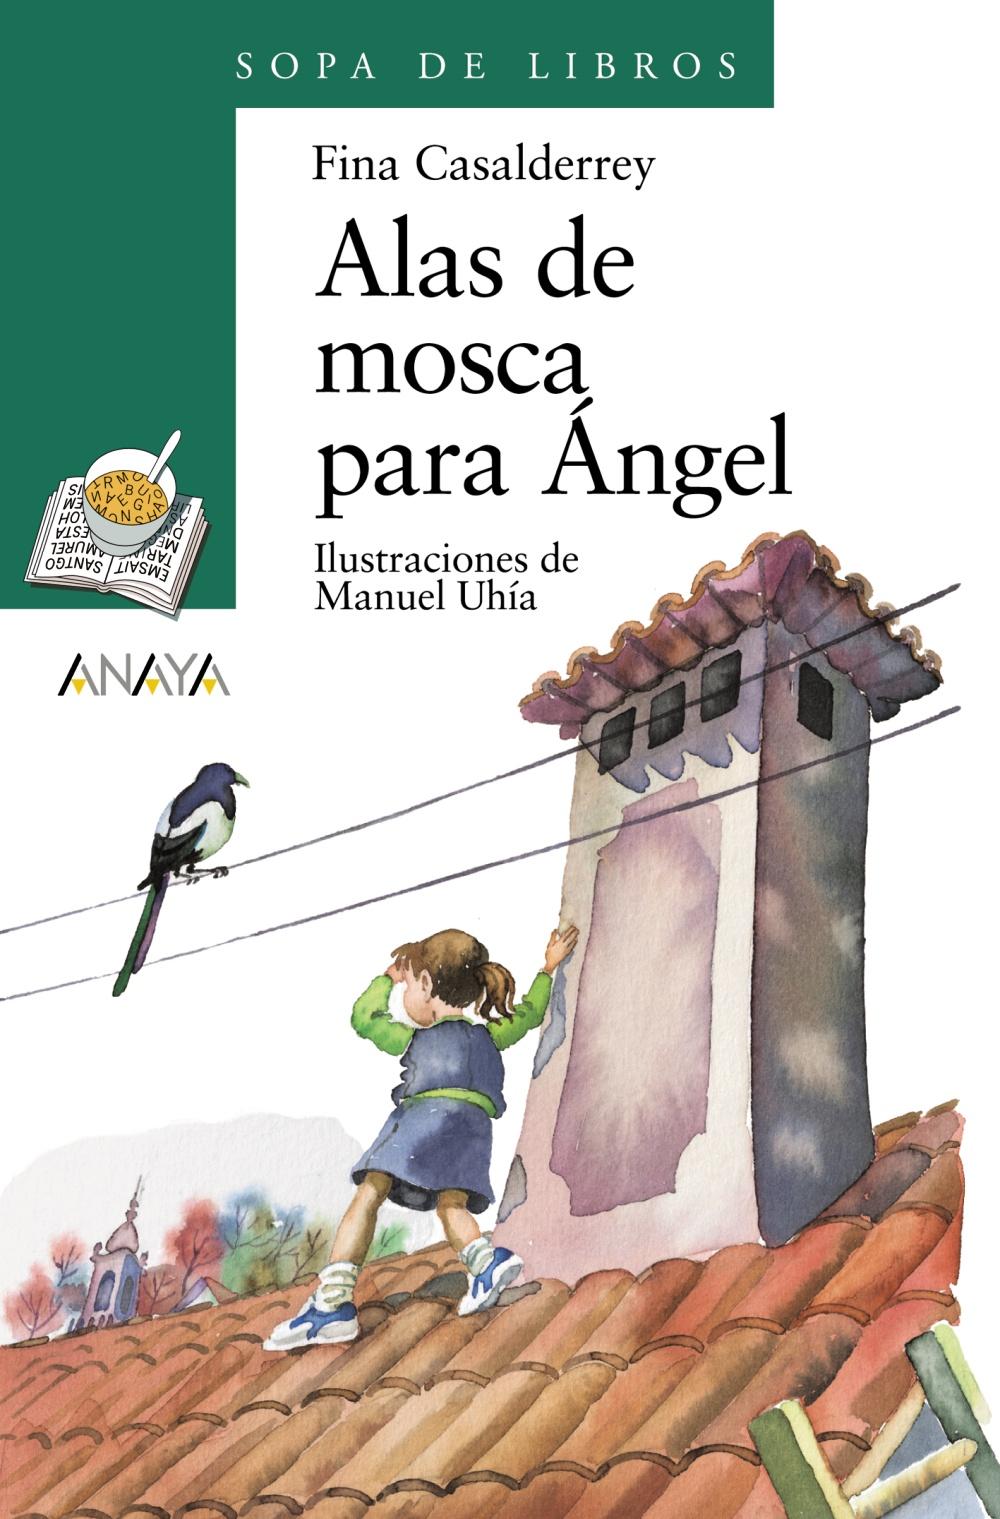 Resultado de imagen de alas de mosca para angel